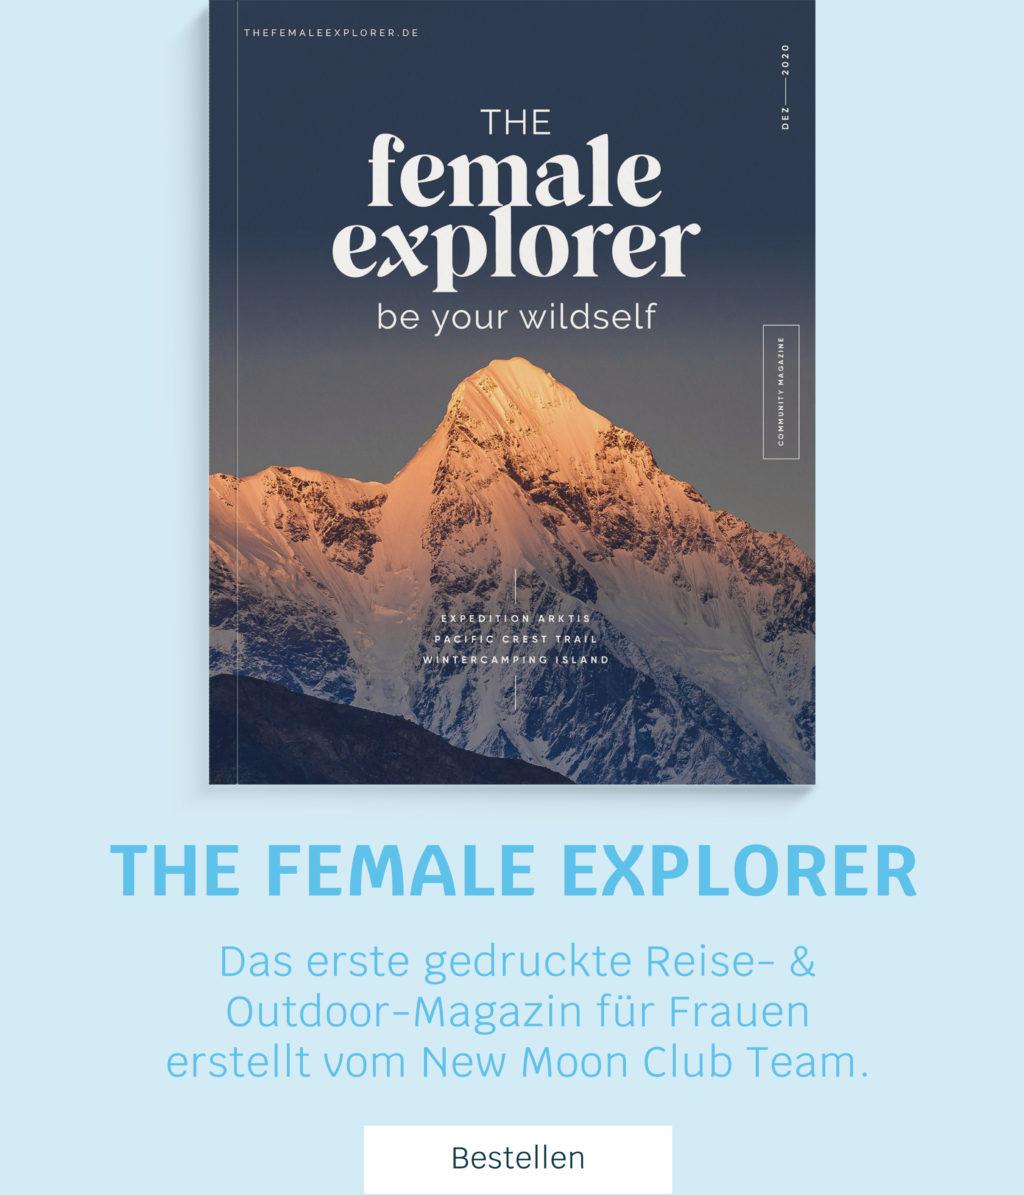 The Female Explorer Magazin Ausgabe 1 jetzt bestellen